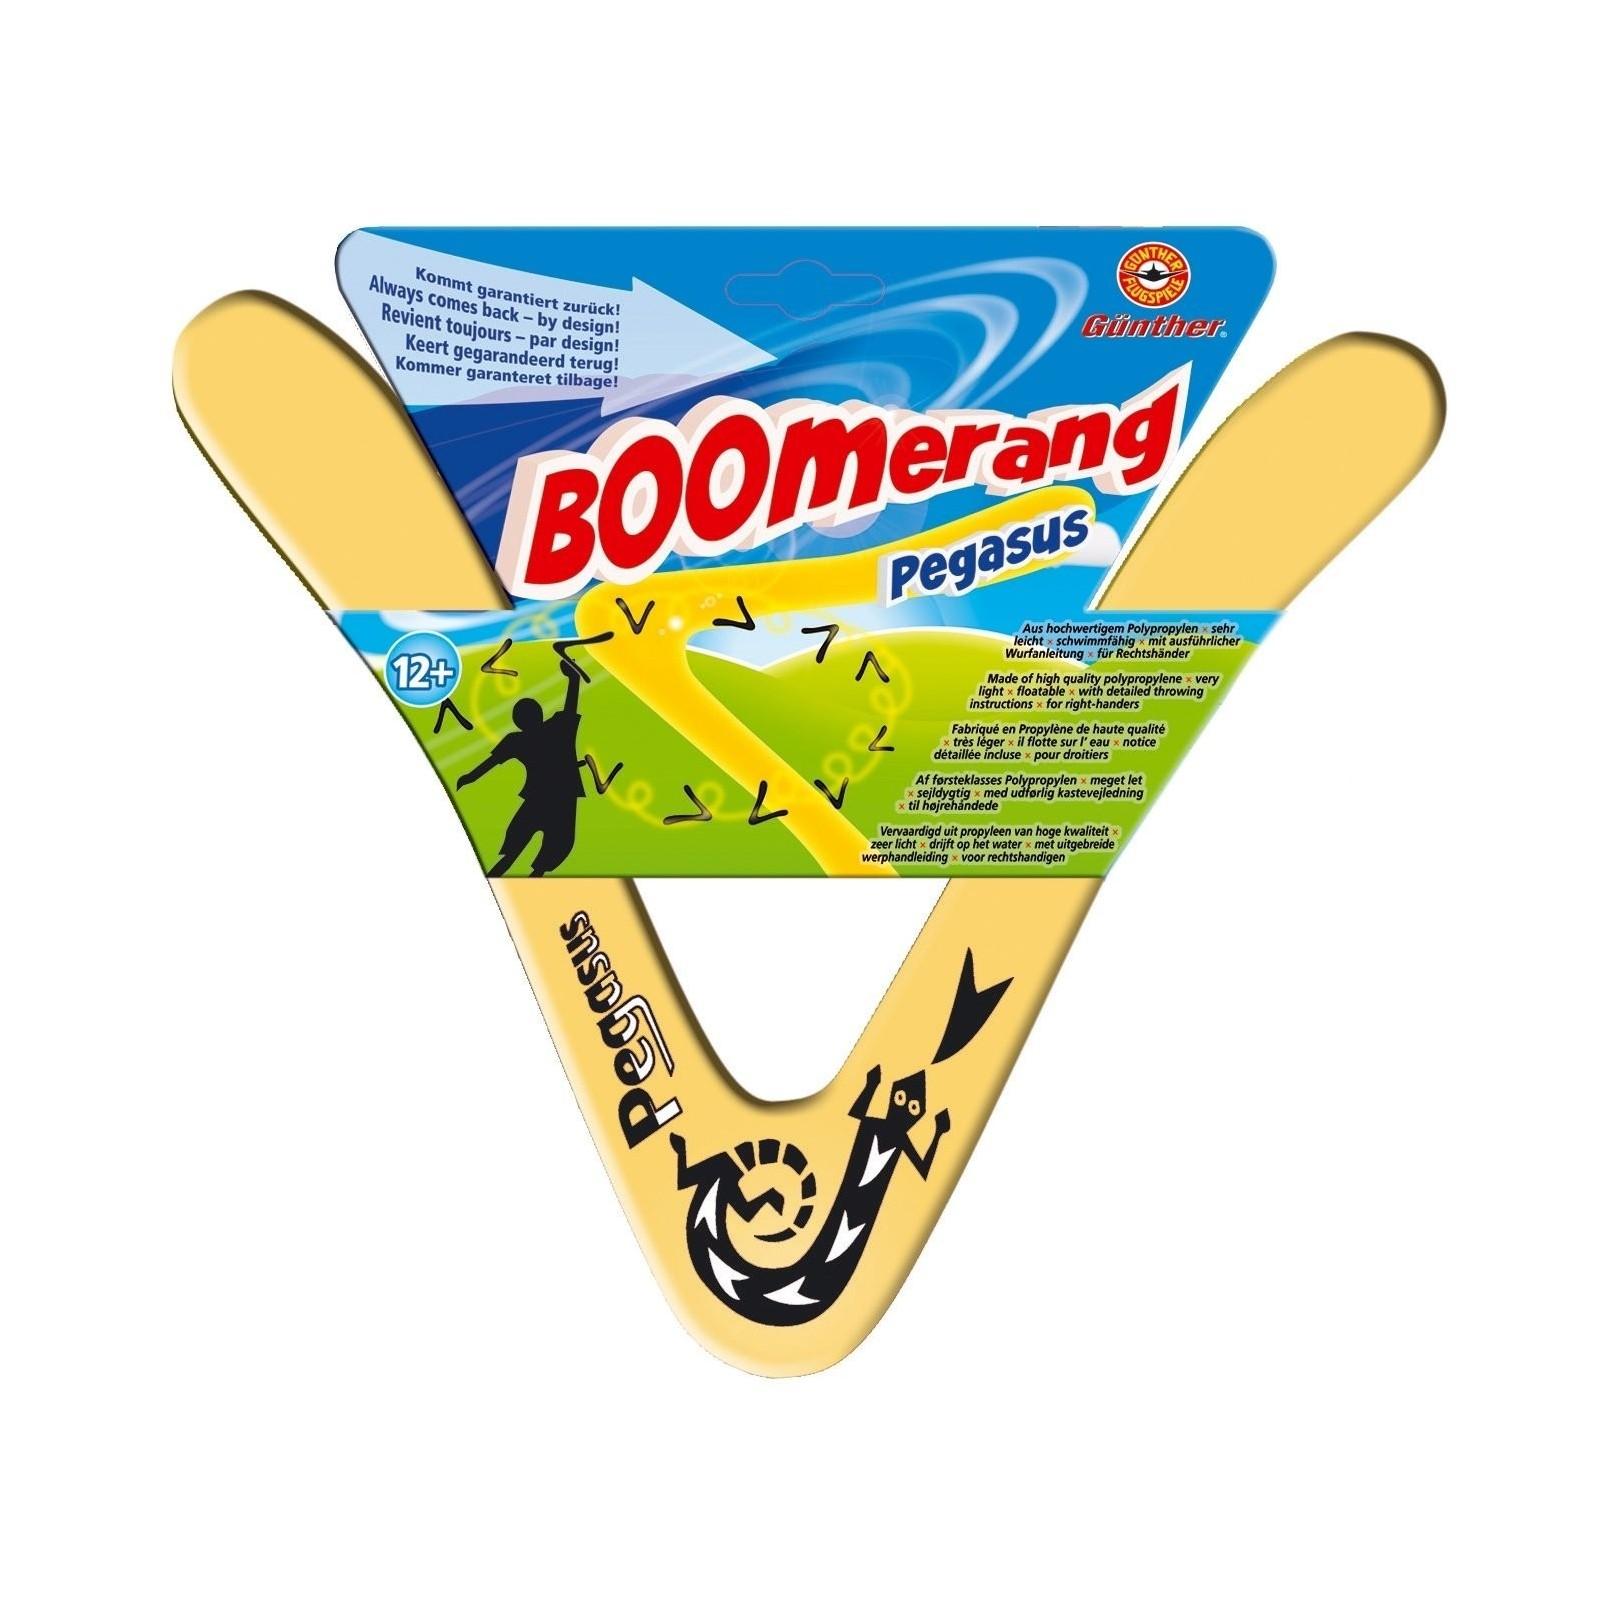 Boomerang Pegasus Gunther